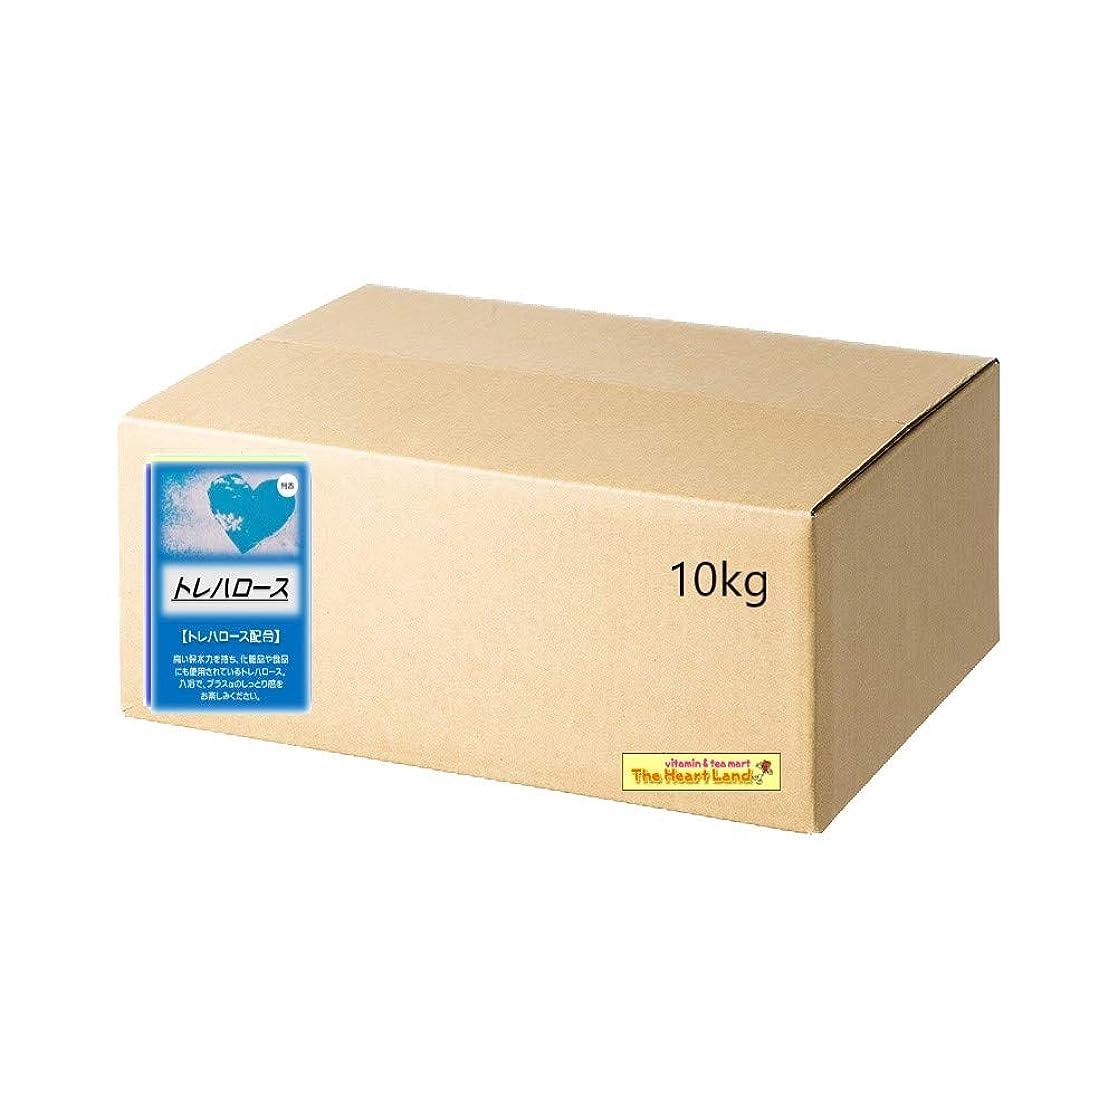 鎮静剤学者スクラップブックアサヒ入浴剤 浴用入浴化粧品 トレハロース 10kg